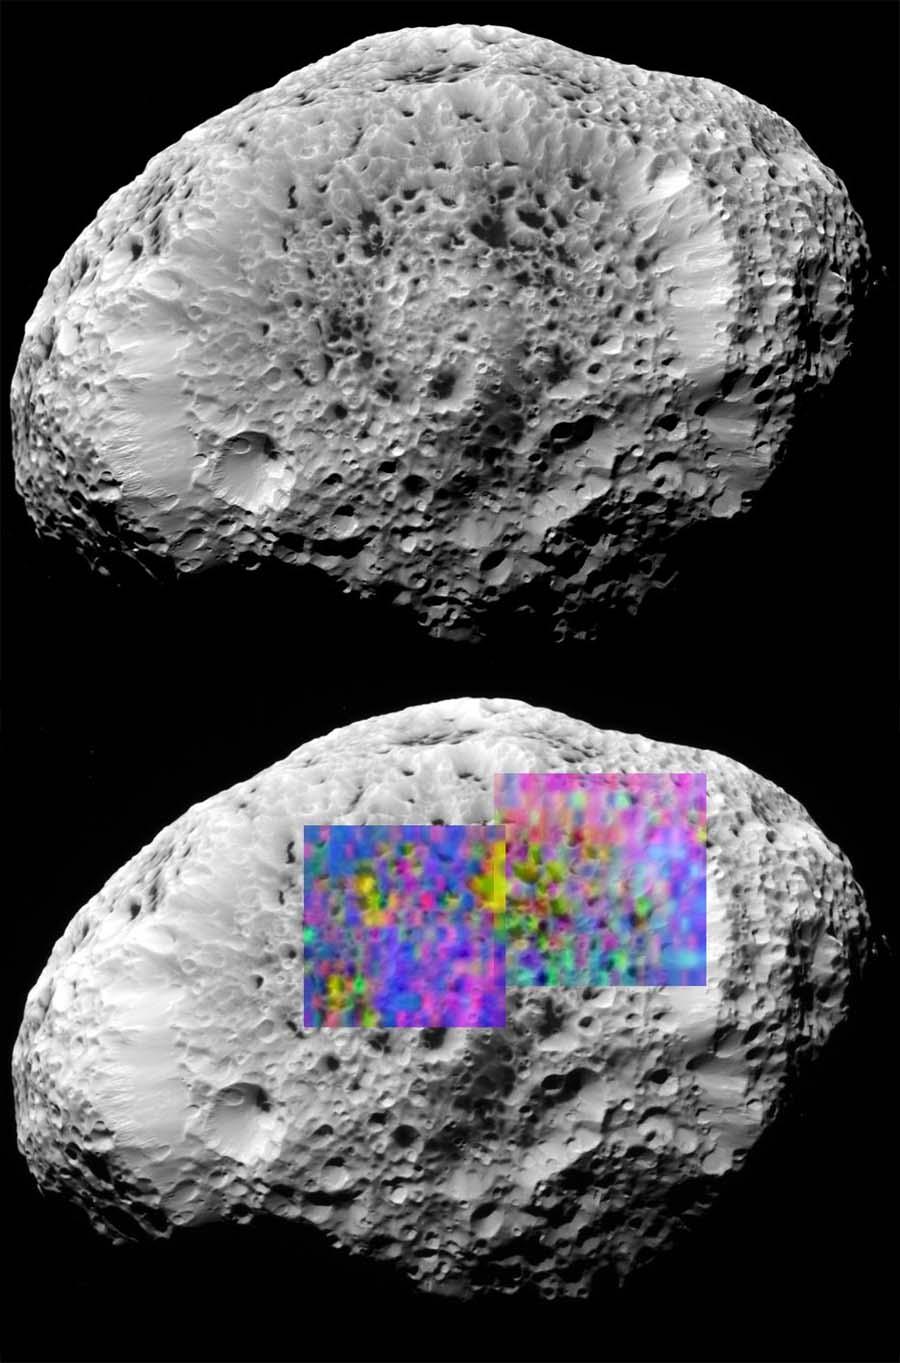 Image classique et image en fausses couleurs d'Hypérion, satellite de Saturne